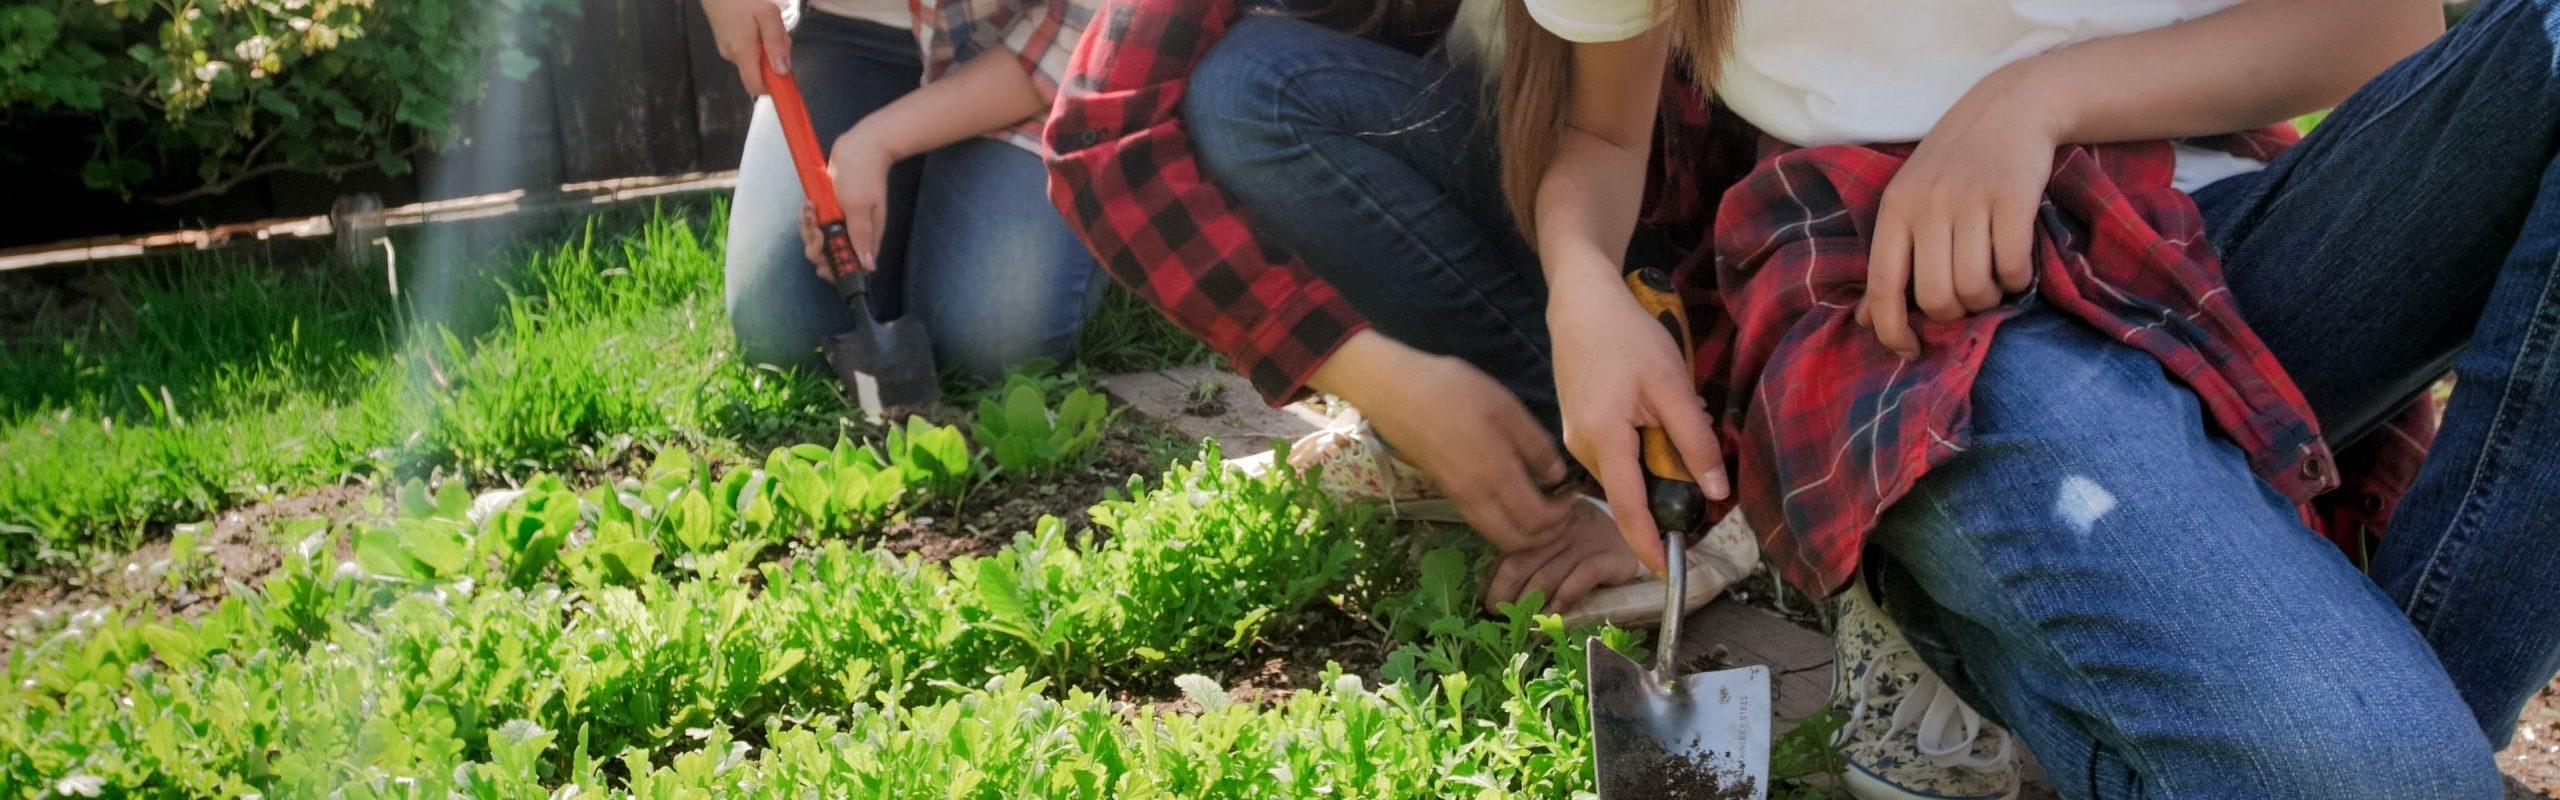 teens working in the garden